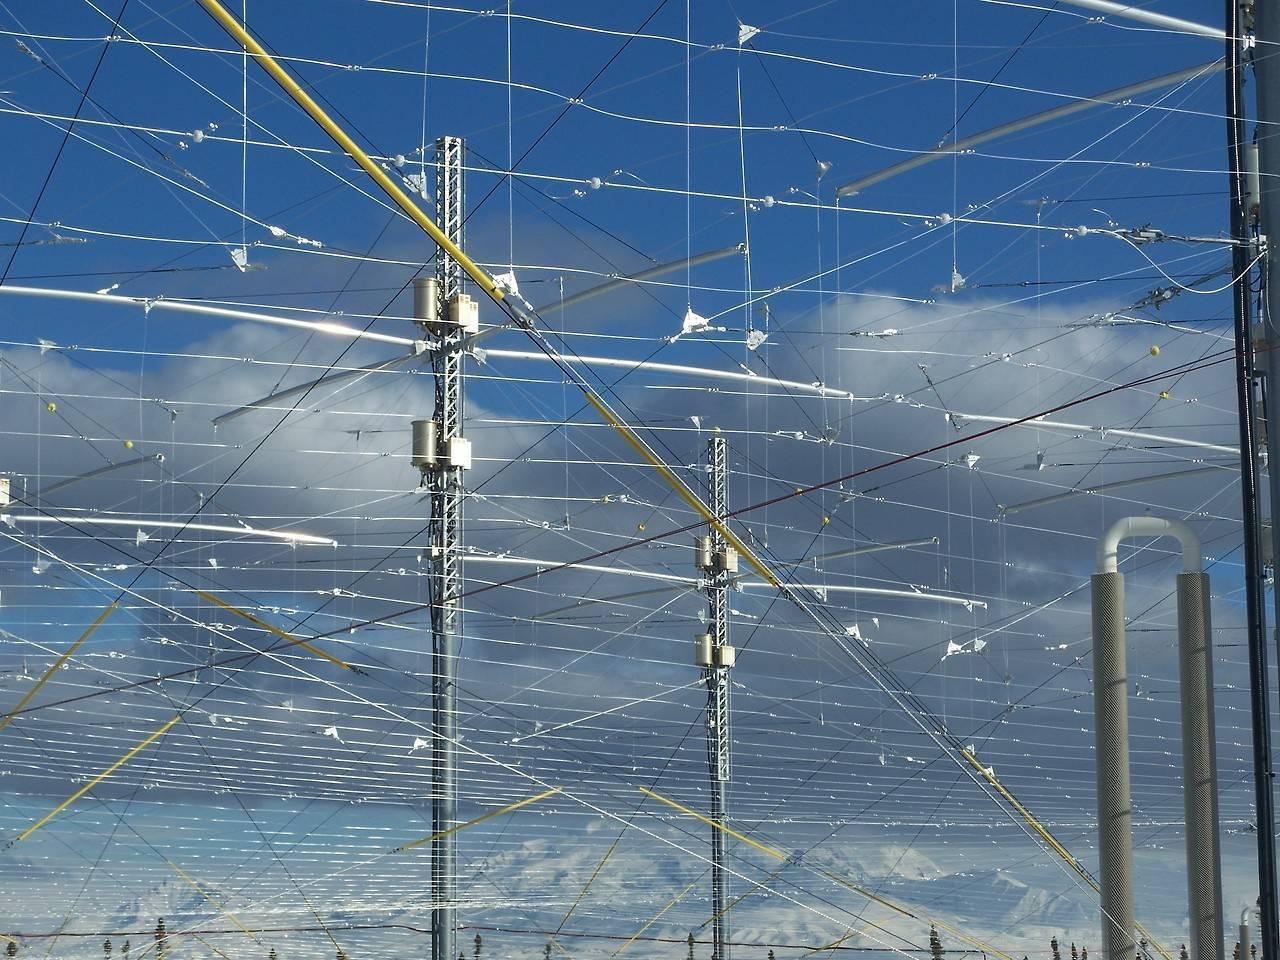 """""""климатическое оружие рф"""": военный эксперт рассказал правду об """"ураганной теории заговора"""" против сша"""